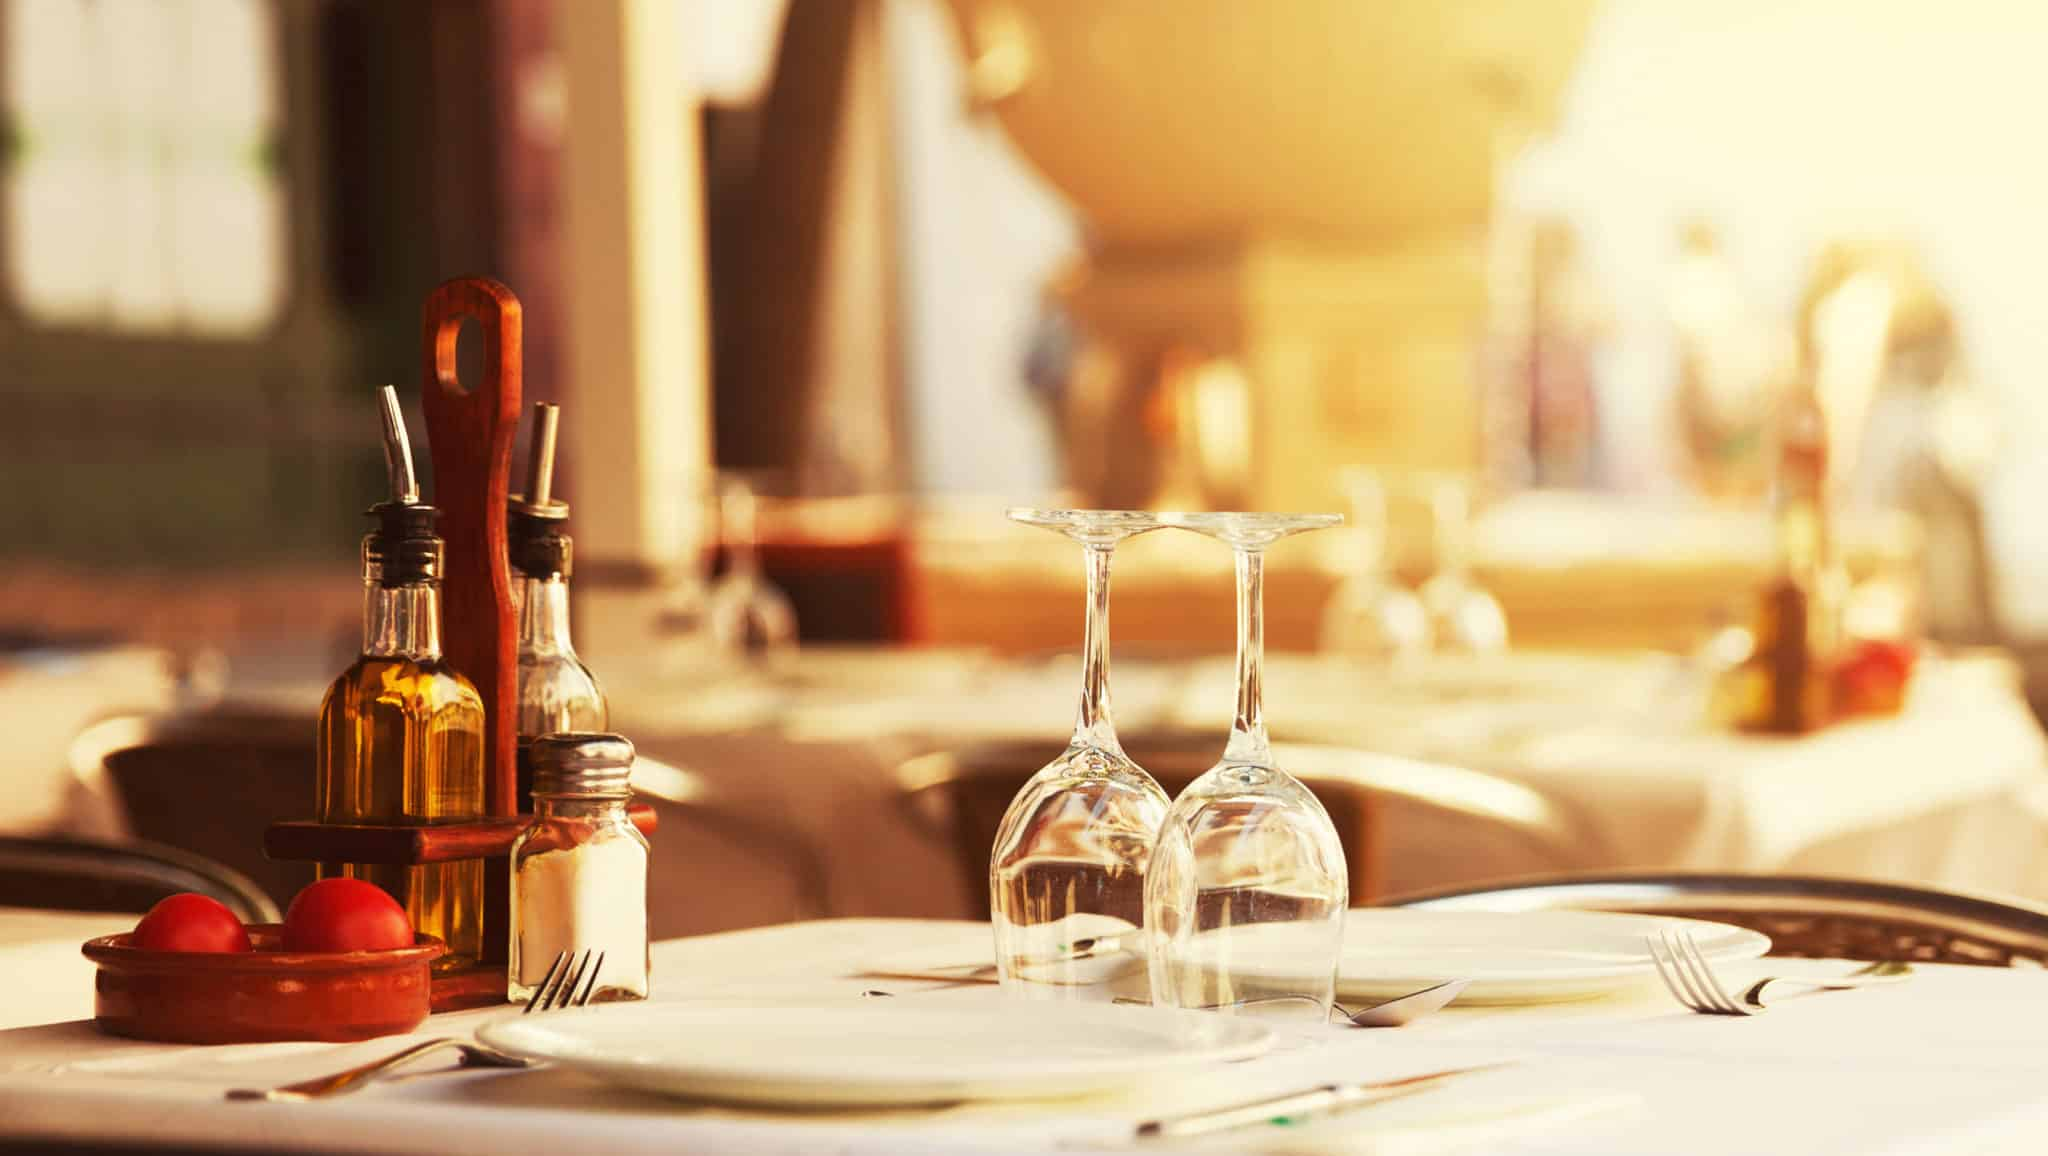 L'affaire de goûts : un restaurant excellentissime !